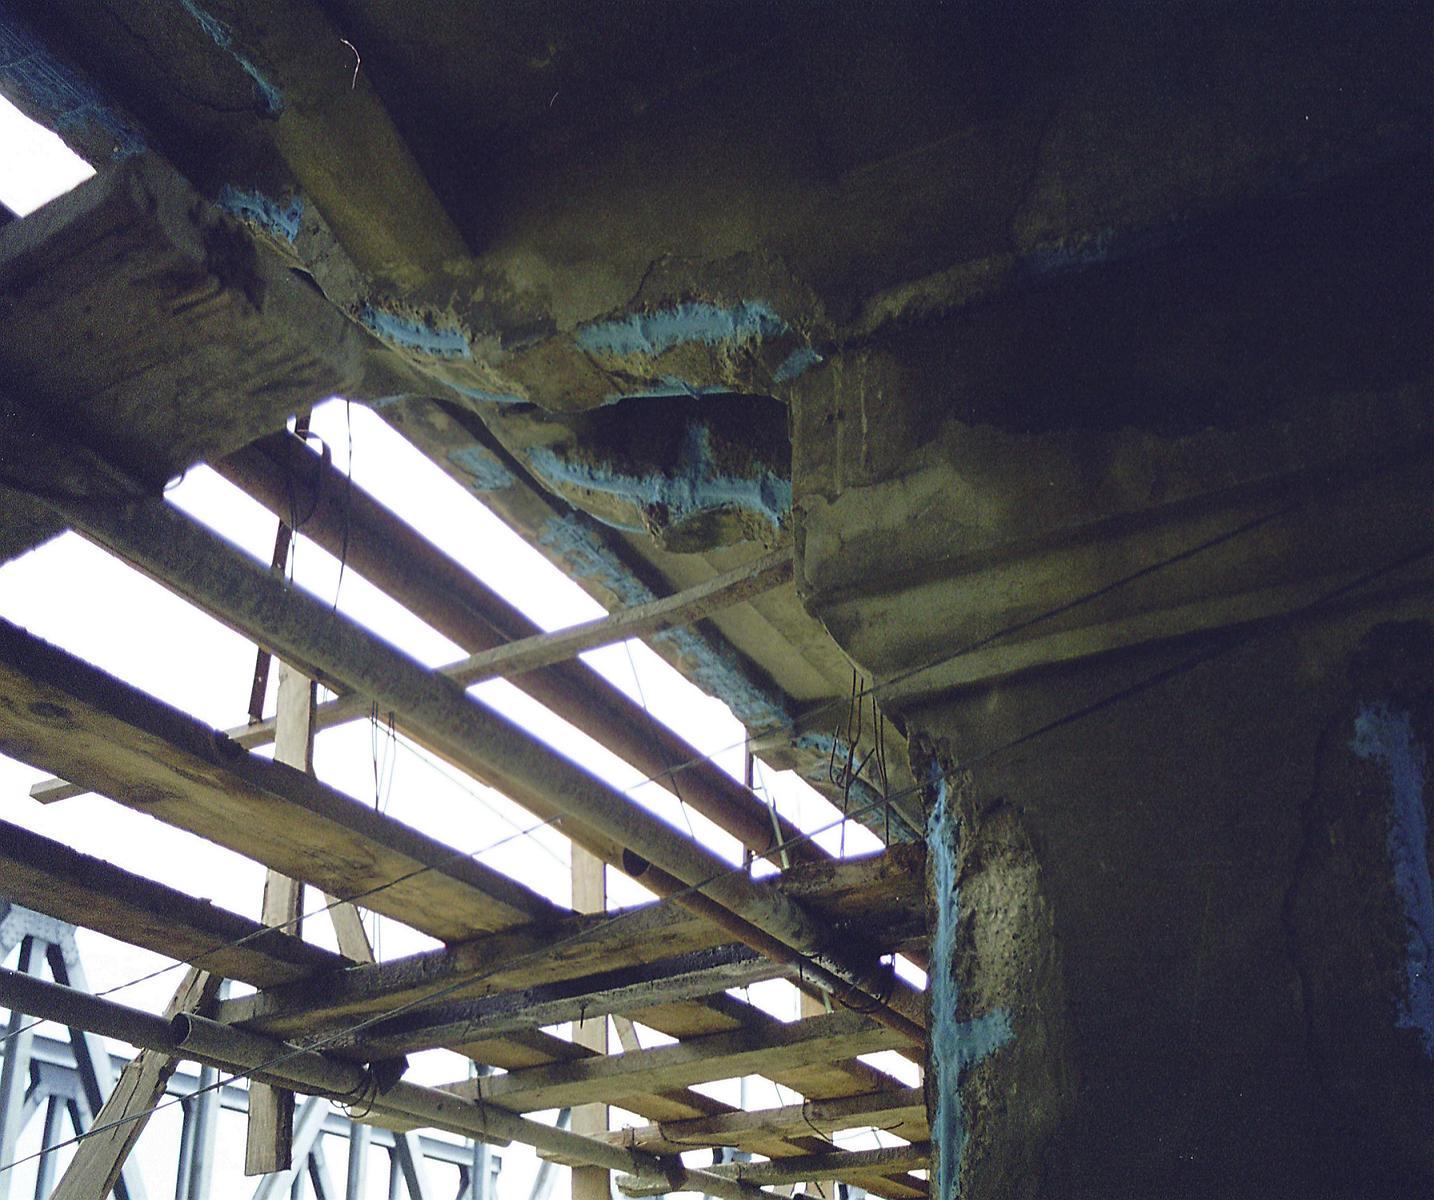 Reparatii pod peste raul Siret MAPEI - Poza 38